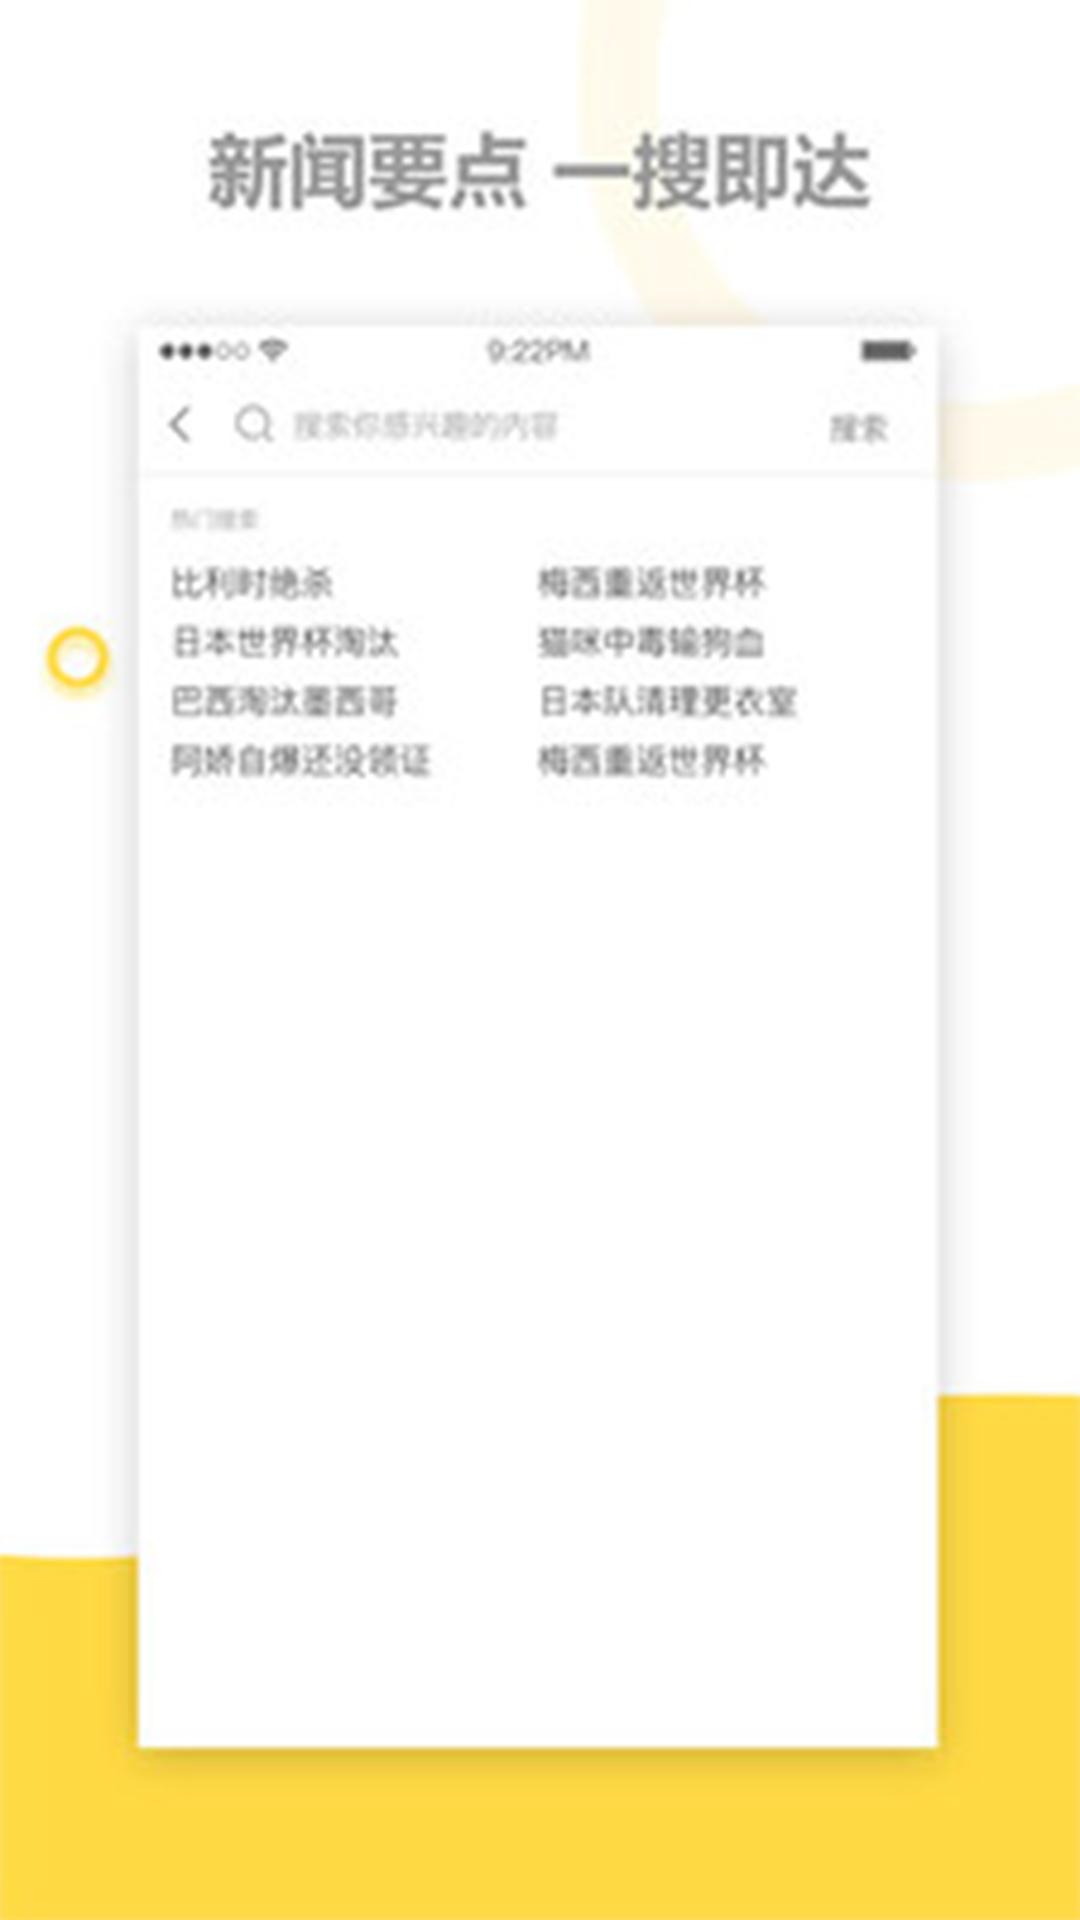 大鱼影视app官方下载